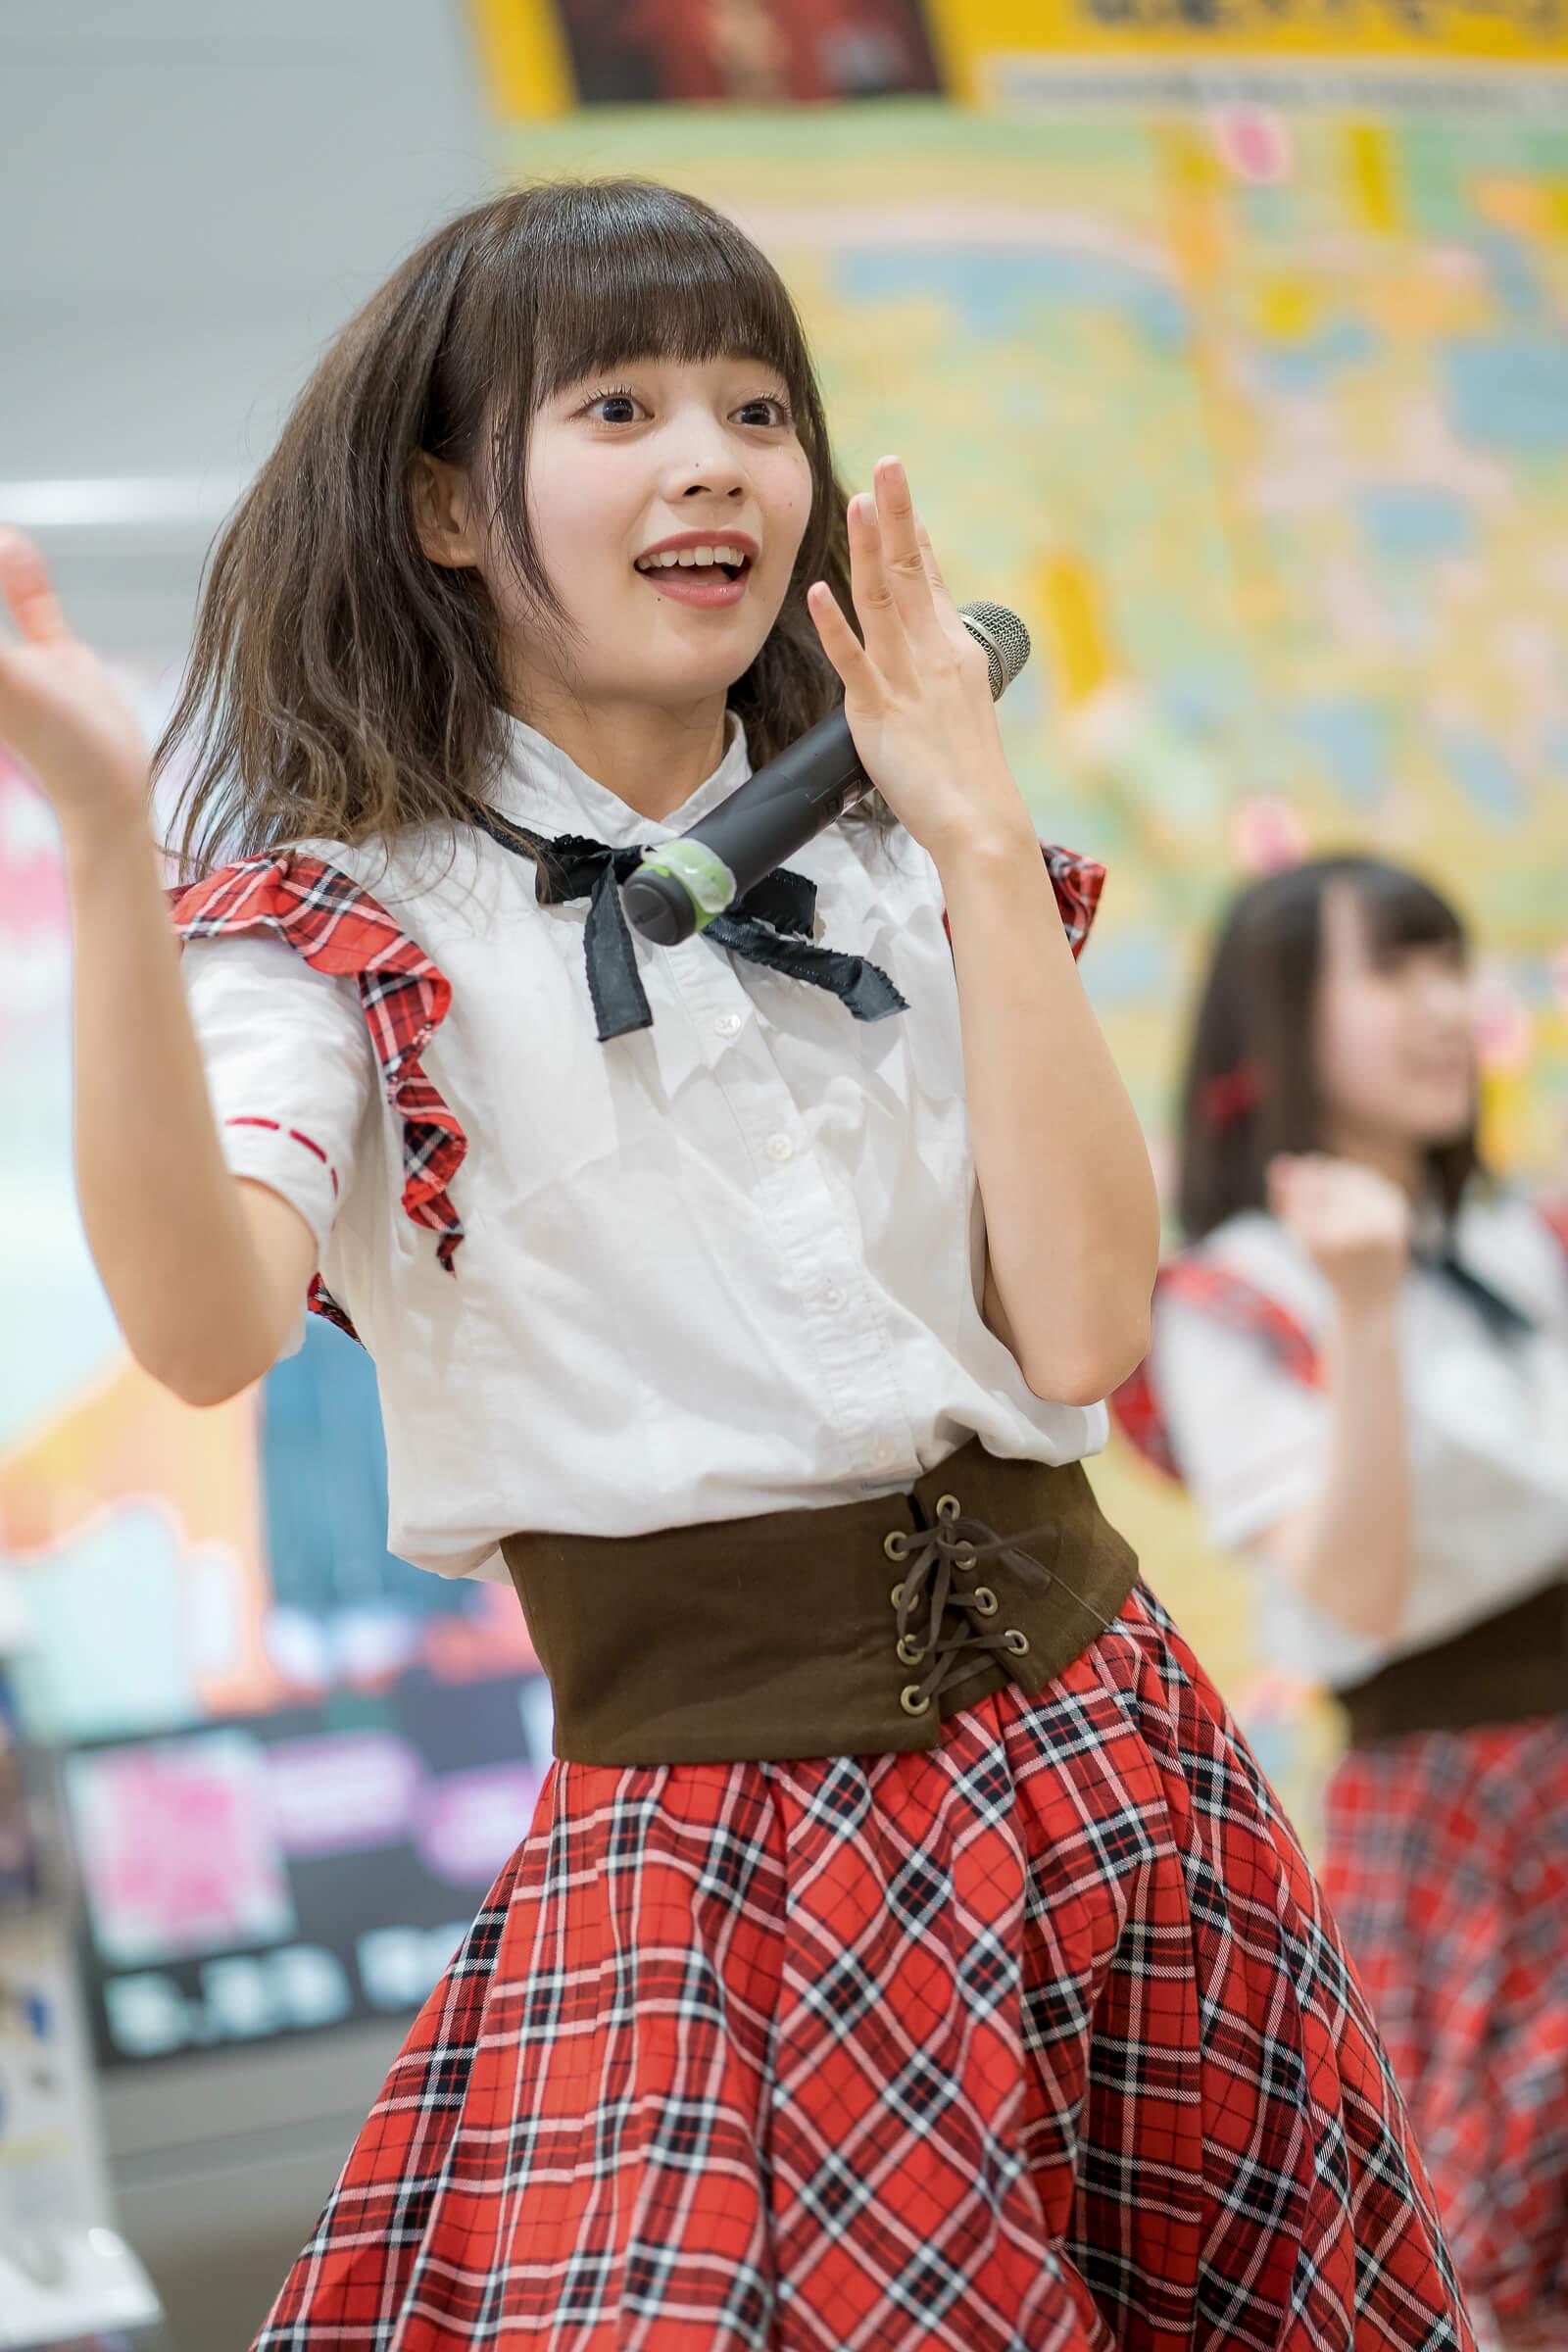 2代目HAPPY少女♪ ゆいな ( 宮崎ゆいな ) | フルーティー♡メジャーシングル第2弾「FRONT LINER」リリースイベント